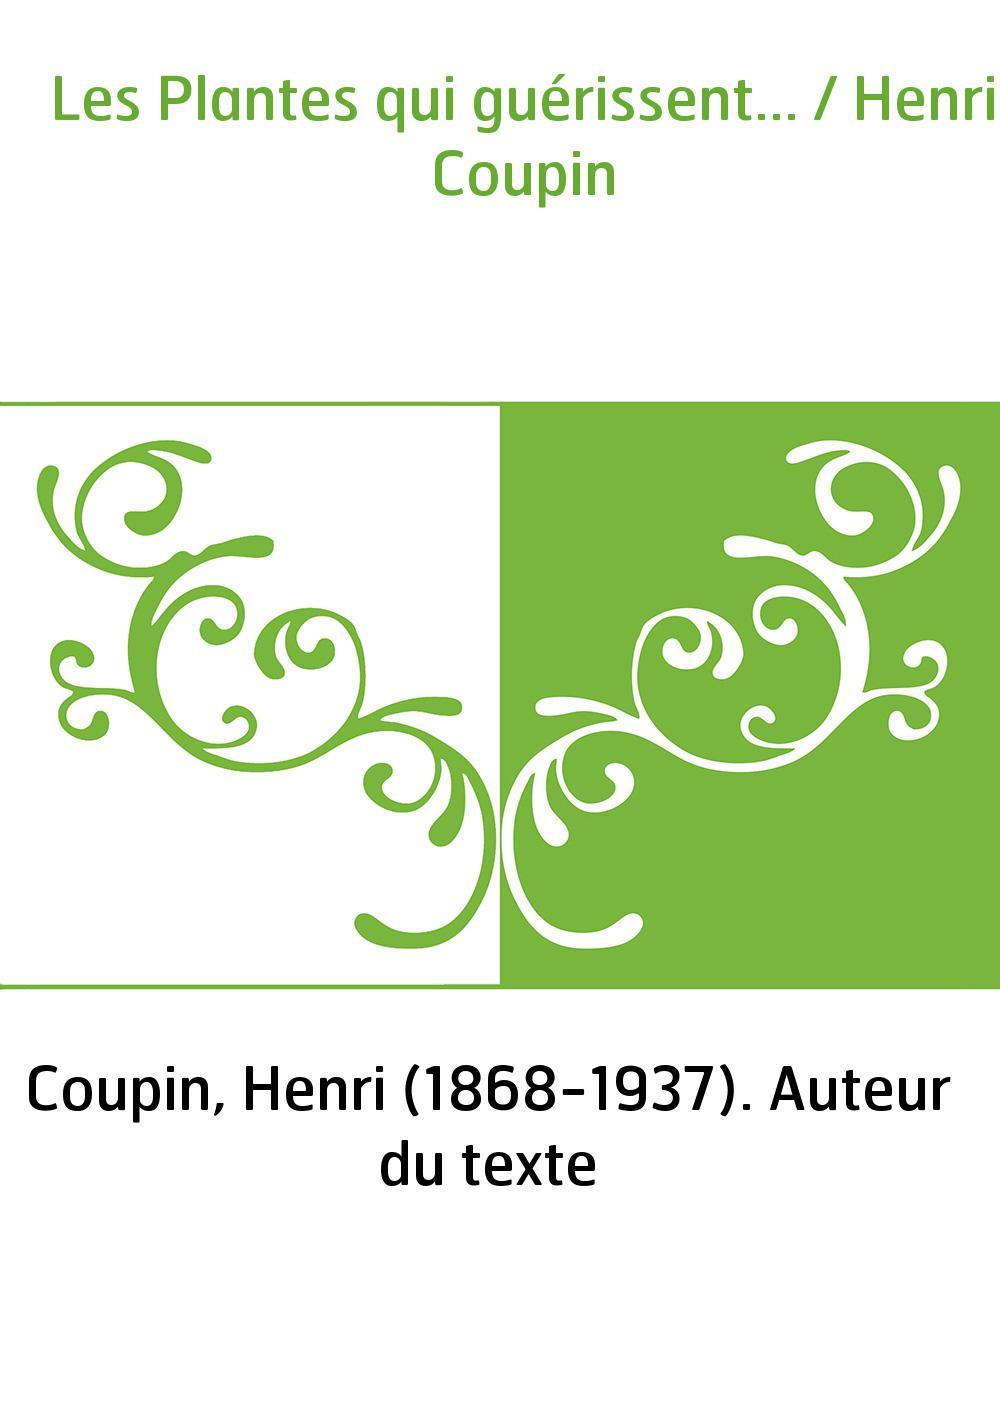 Les Plantes qui guérissent... / Henri Coupin